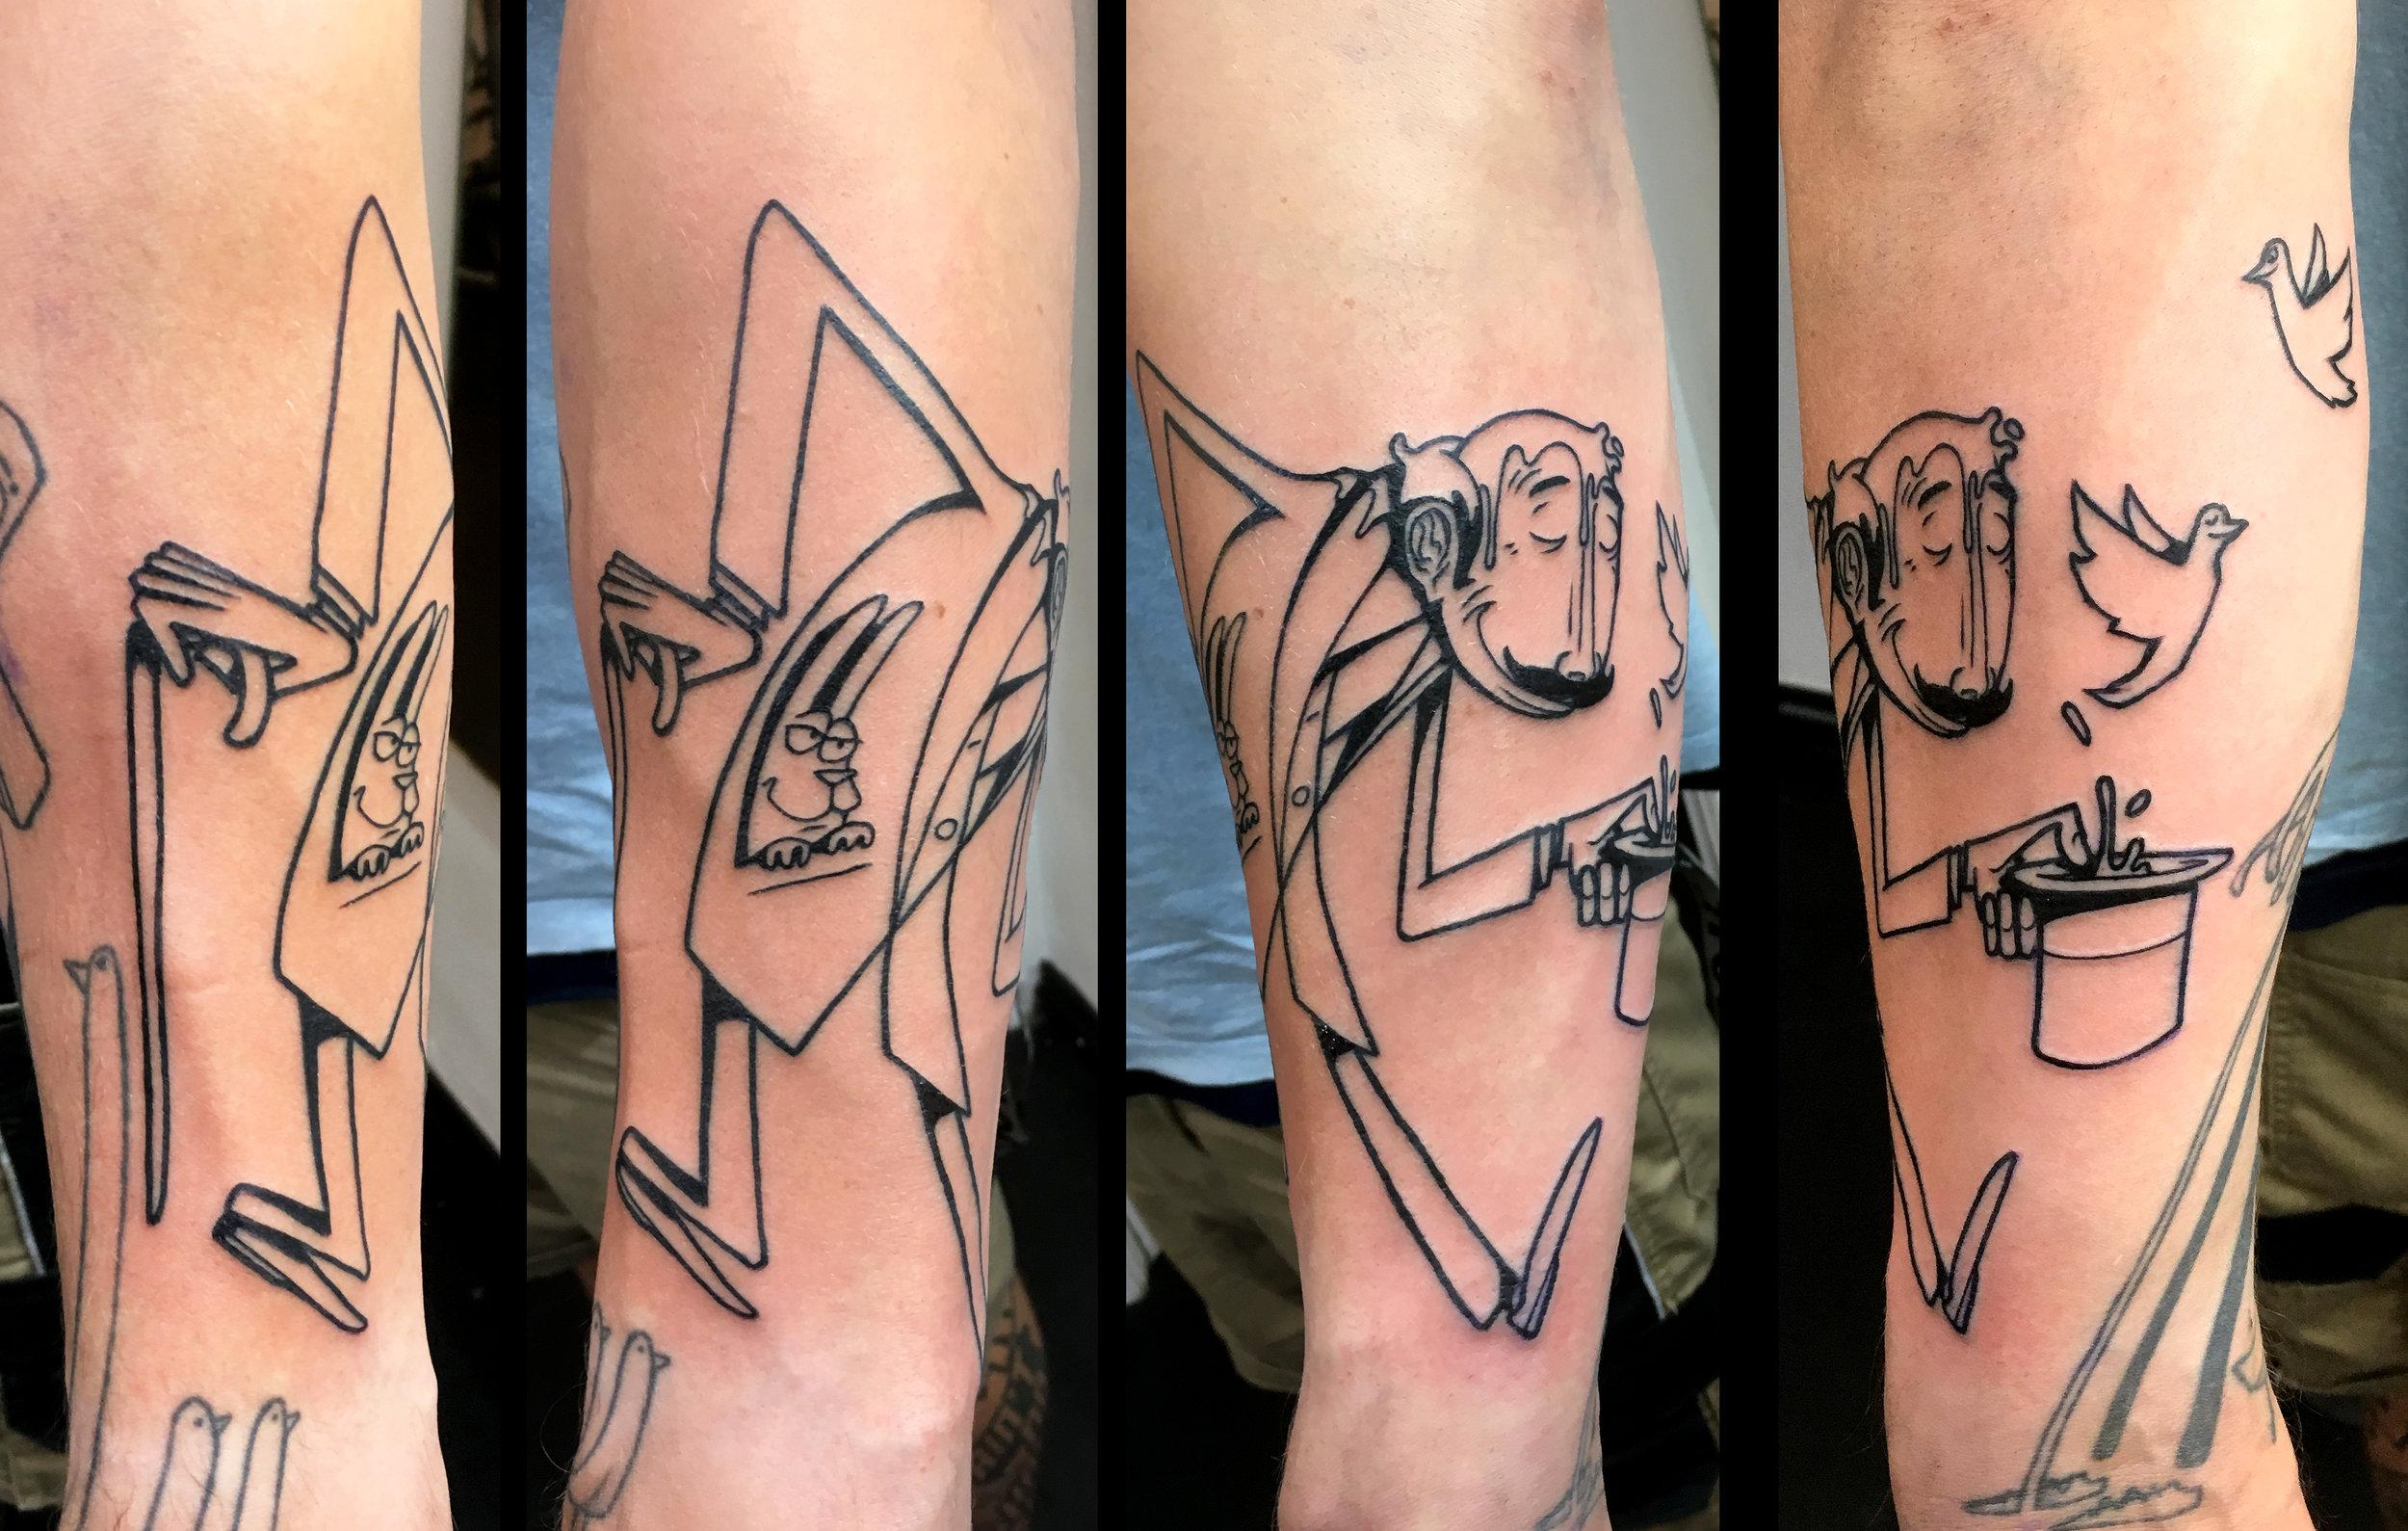 70 magician tattoo sepr.jpg